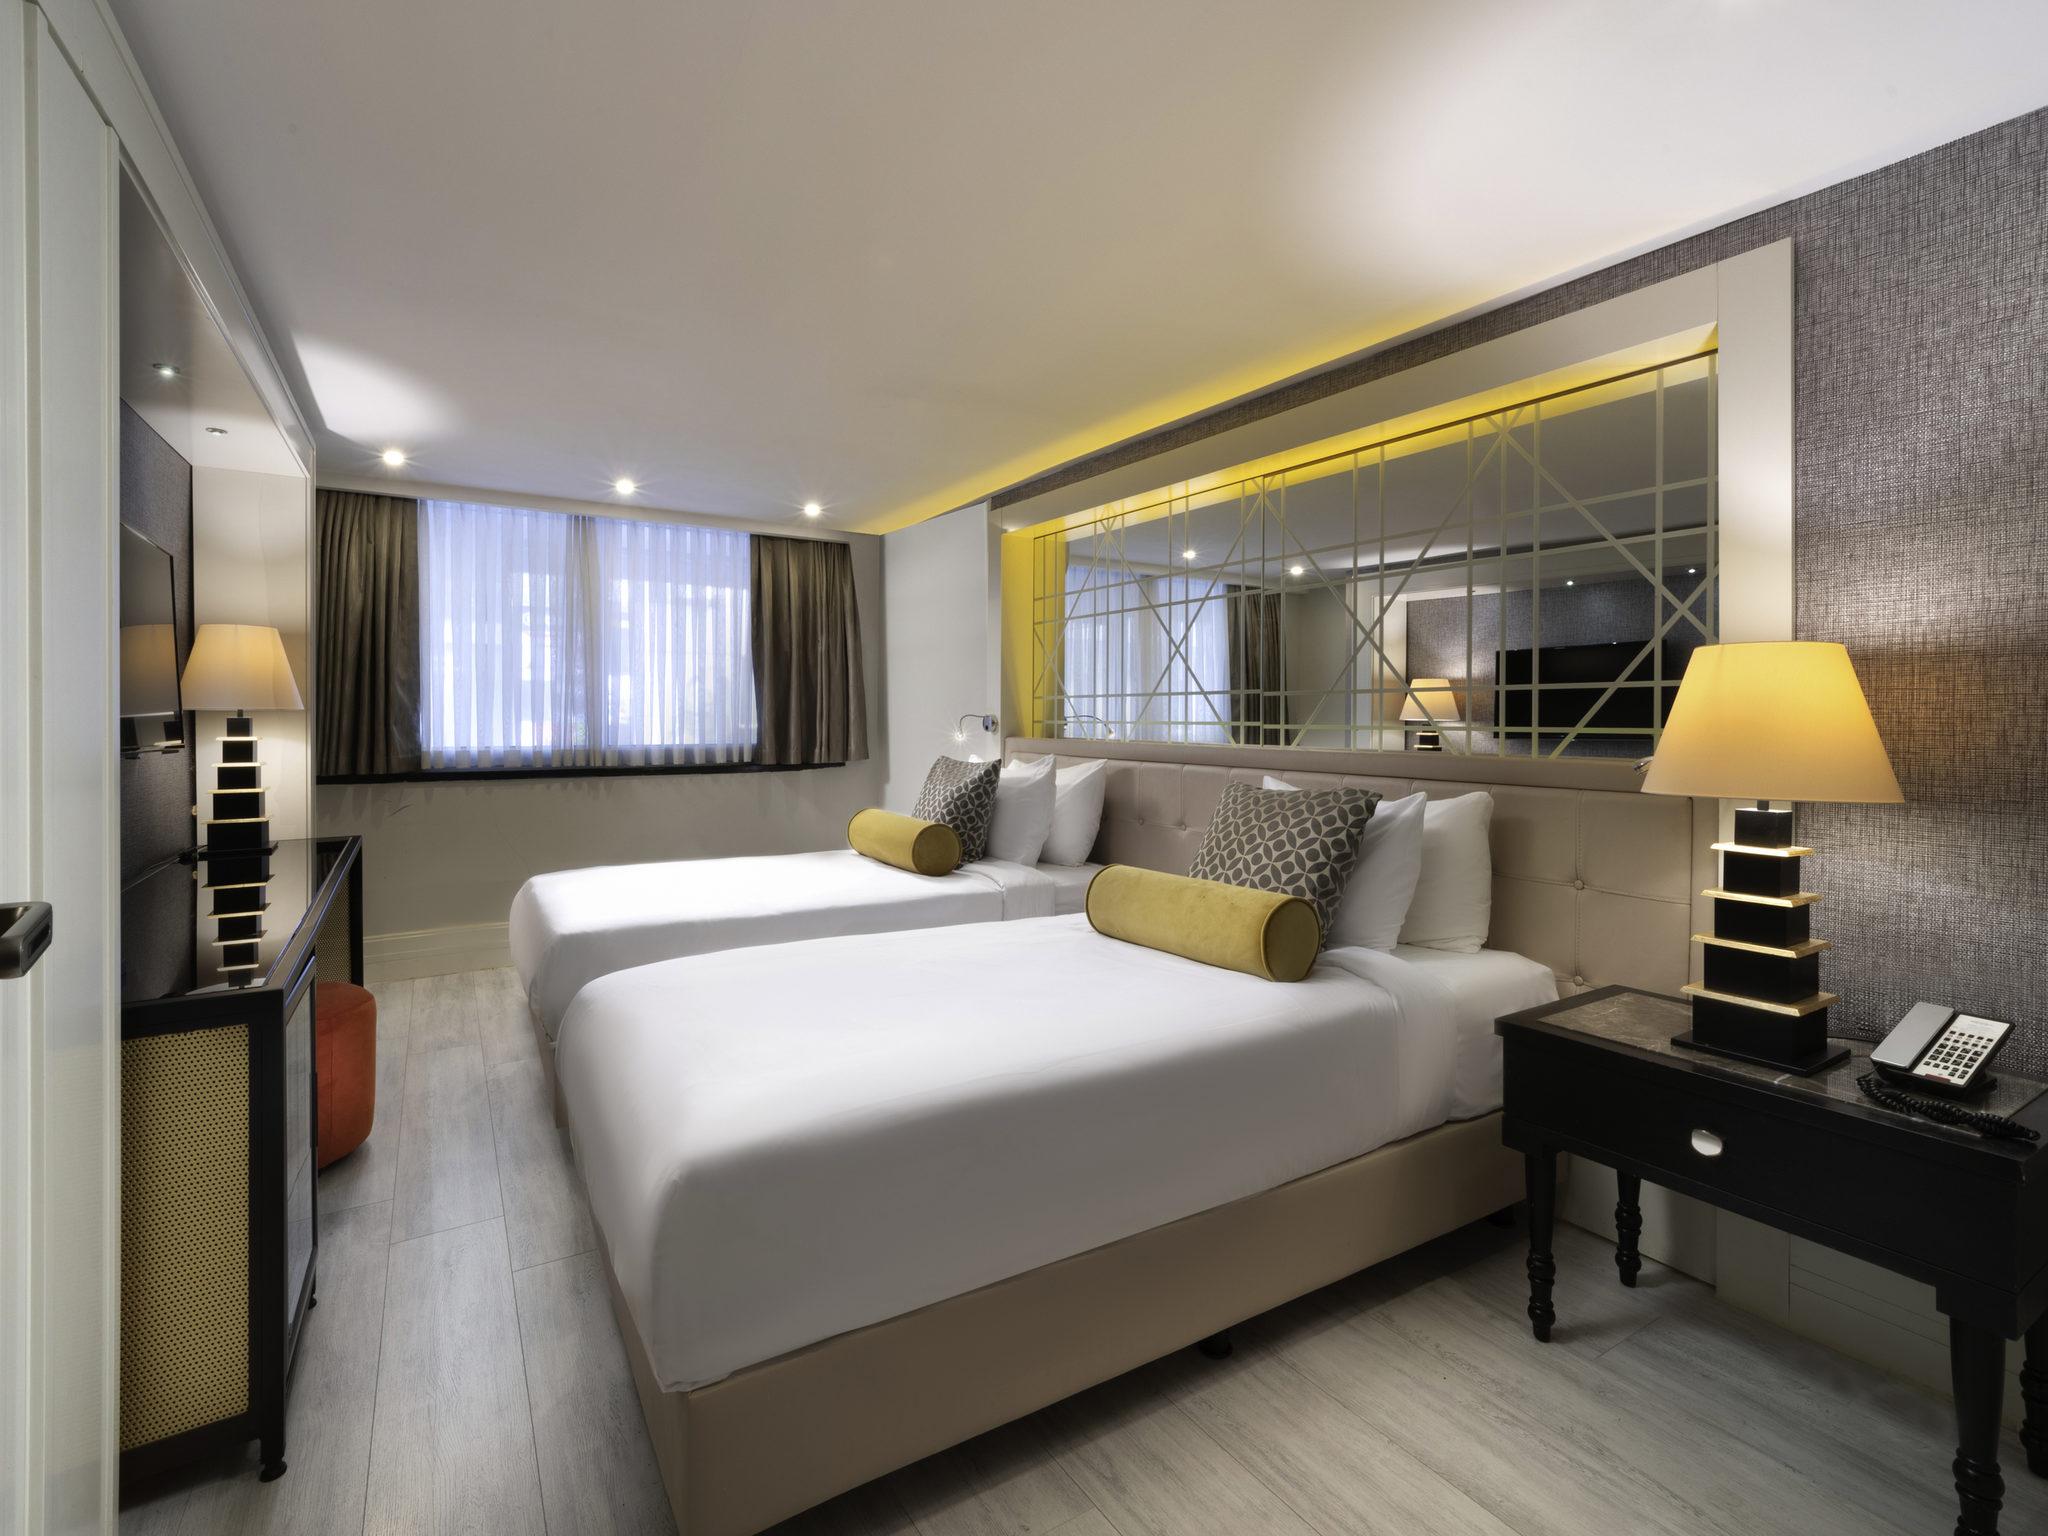 호텔 – 머큐어 이스탄불 보몬티